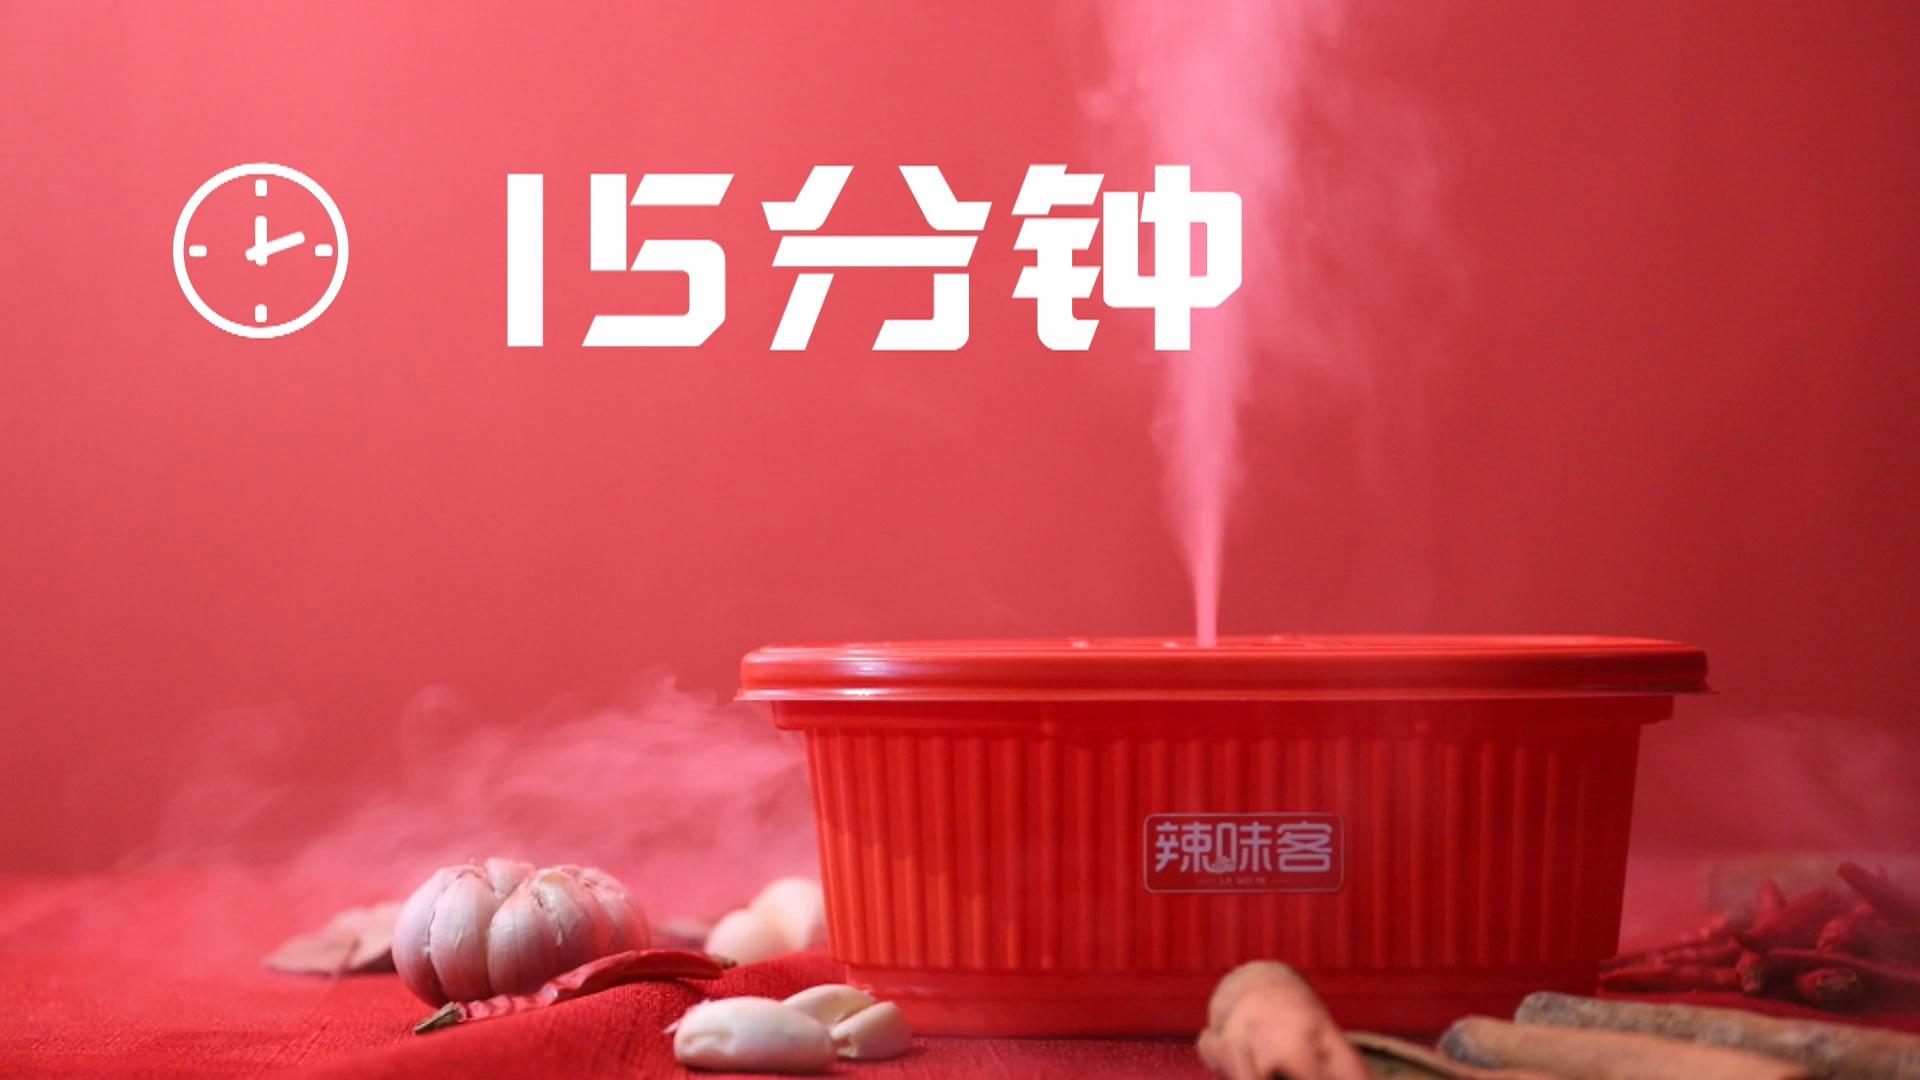 辣味客自燃方便火锅电商视频拍摄,方便火锅淘宝电商视频拍摄